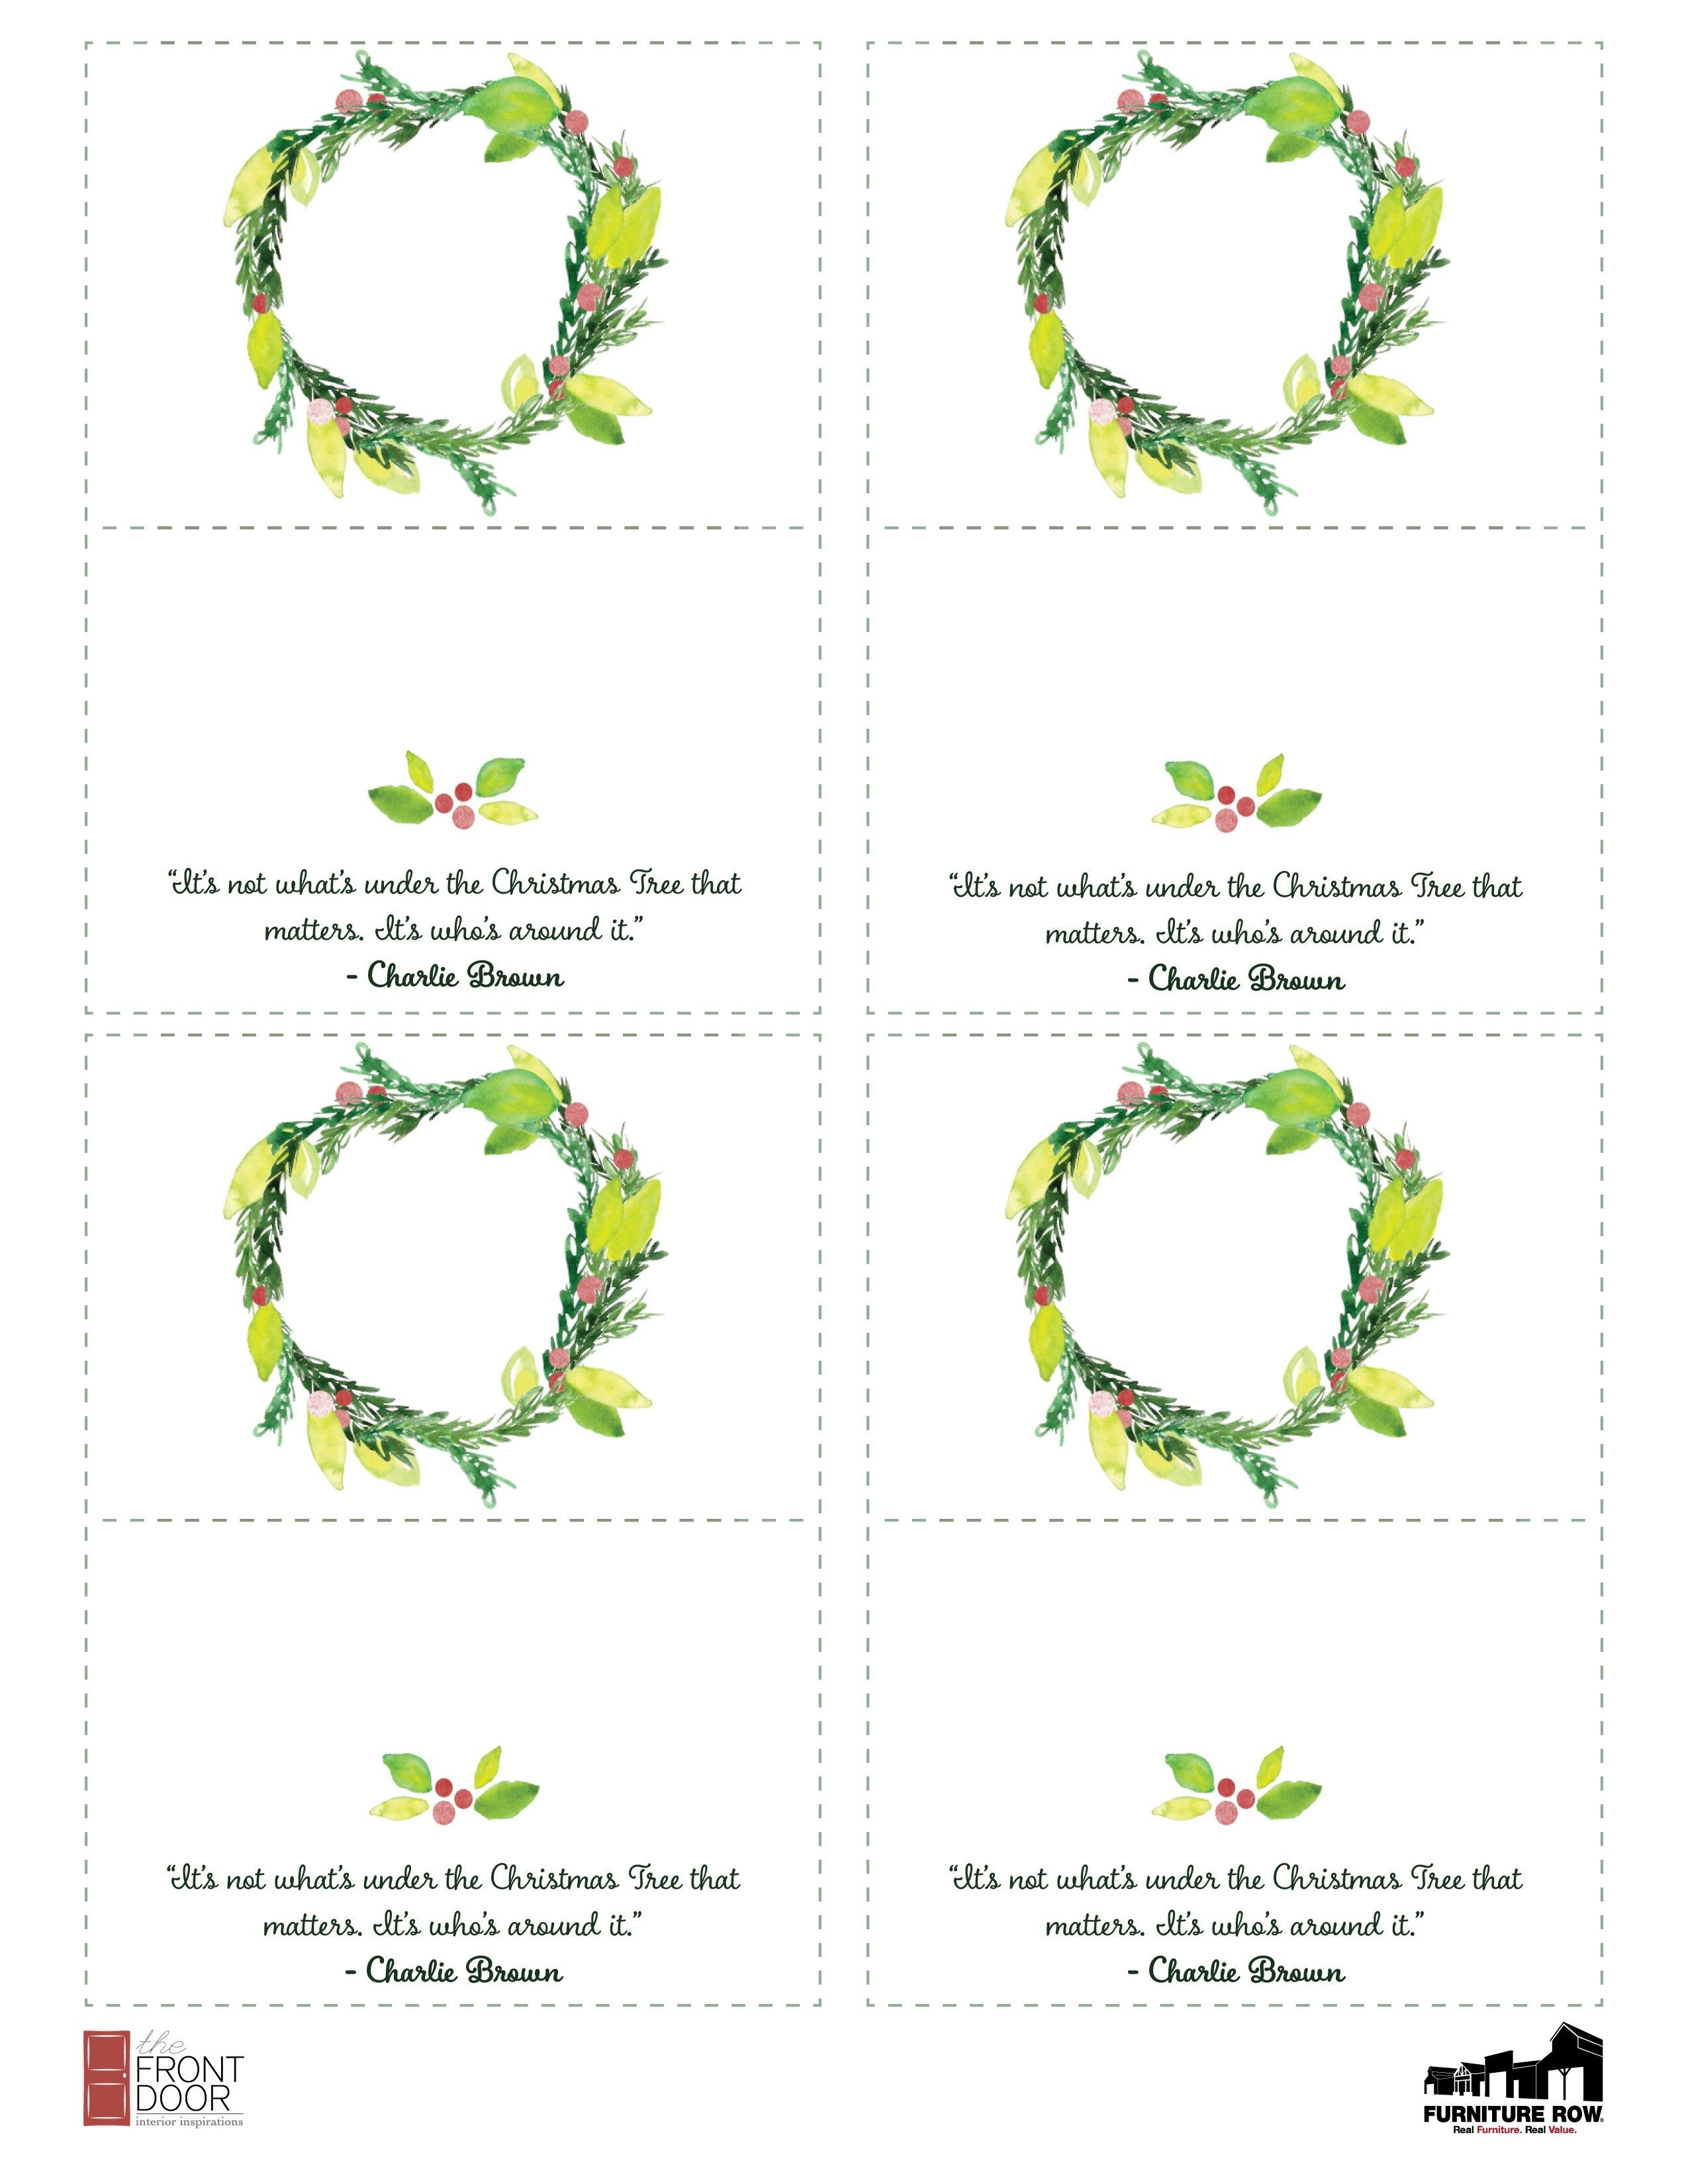 Printable Christmas Place Name Cards For The Table - The Front Door - Christmas Table Name Cards Free Printable